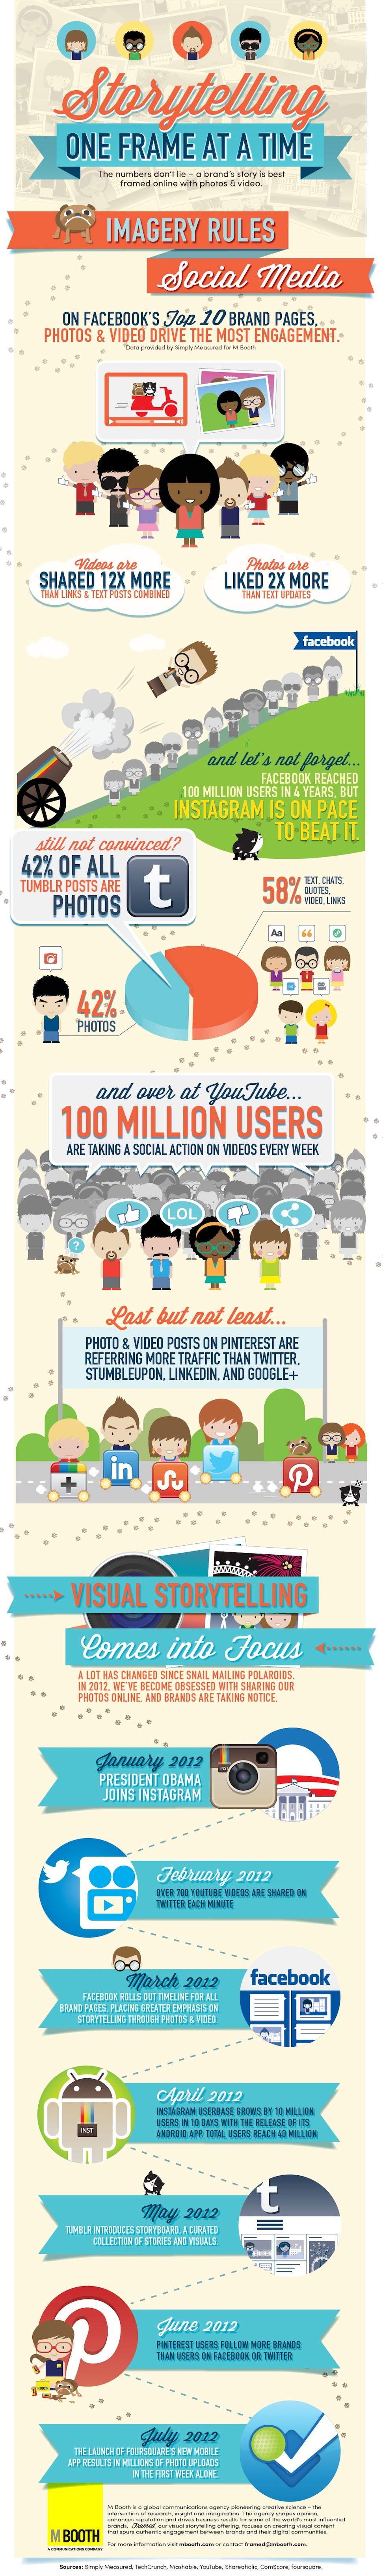 Para lograr engagement con la marca, lo visual manda en internet